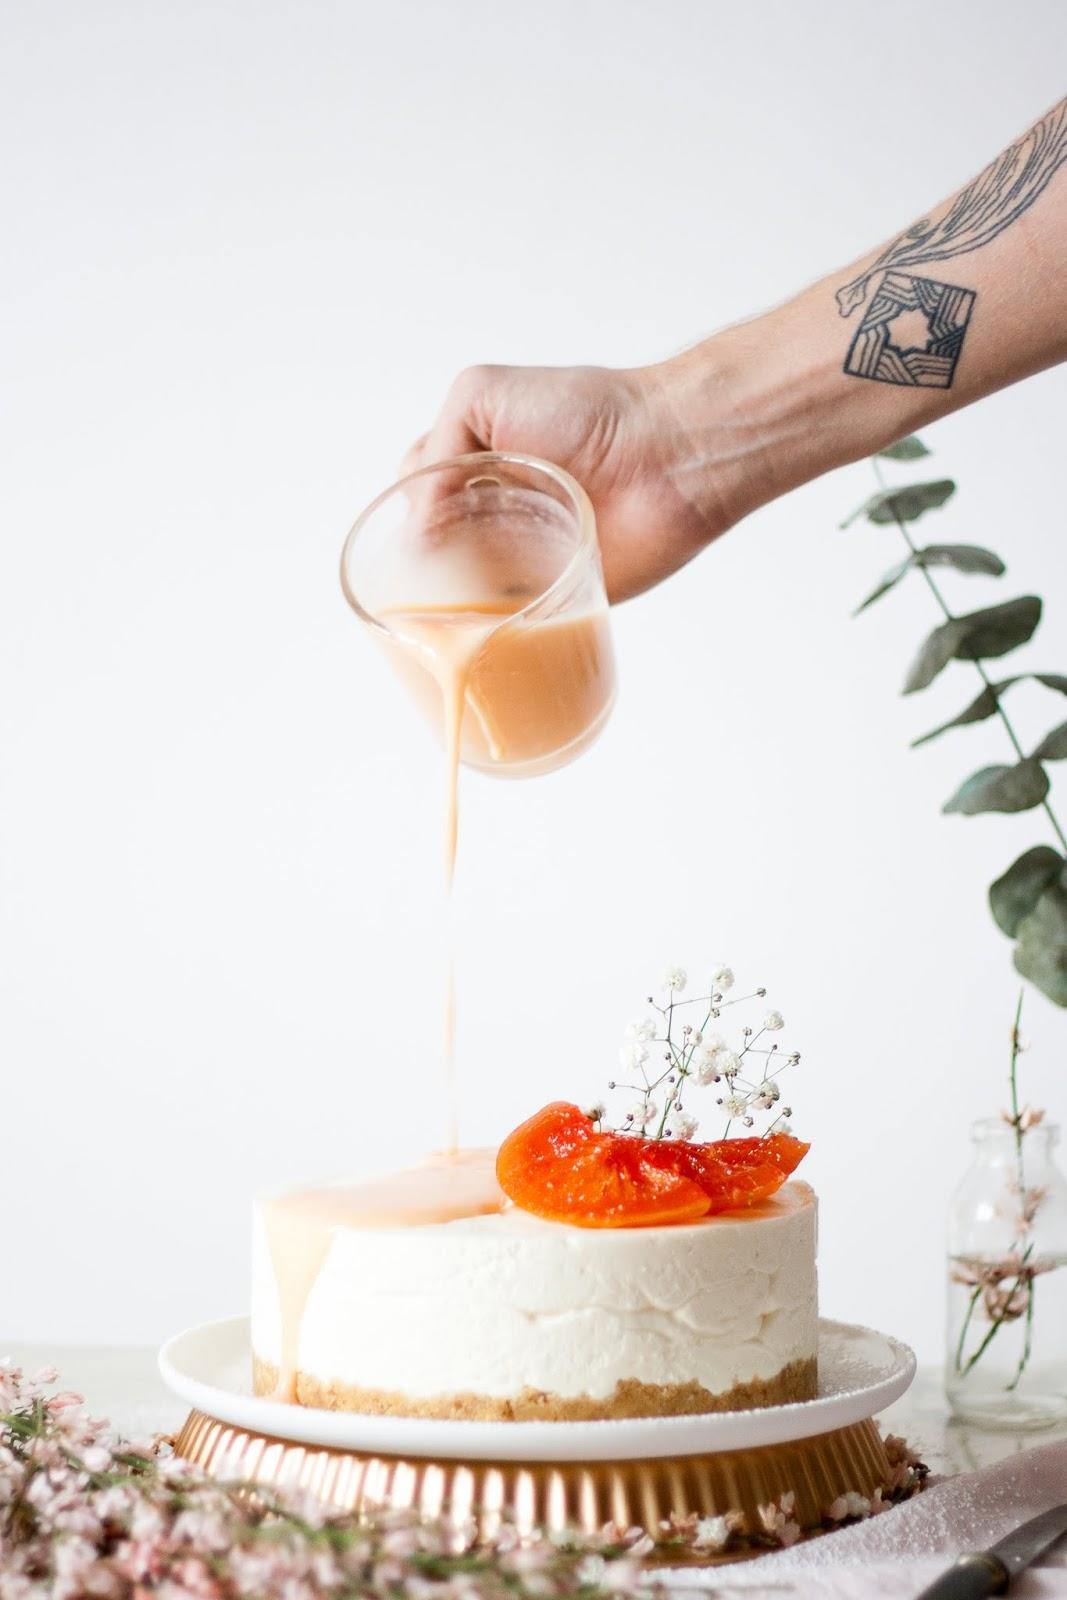 Cheesecake sans cuisson et curd de Pamplemousse de Floride - Lauret Ophelie 1-30.jpeg